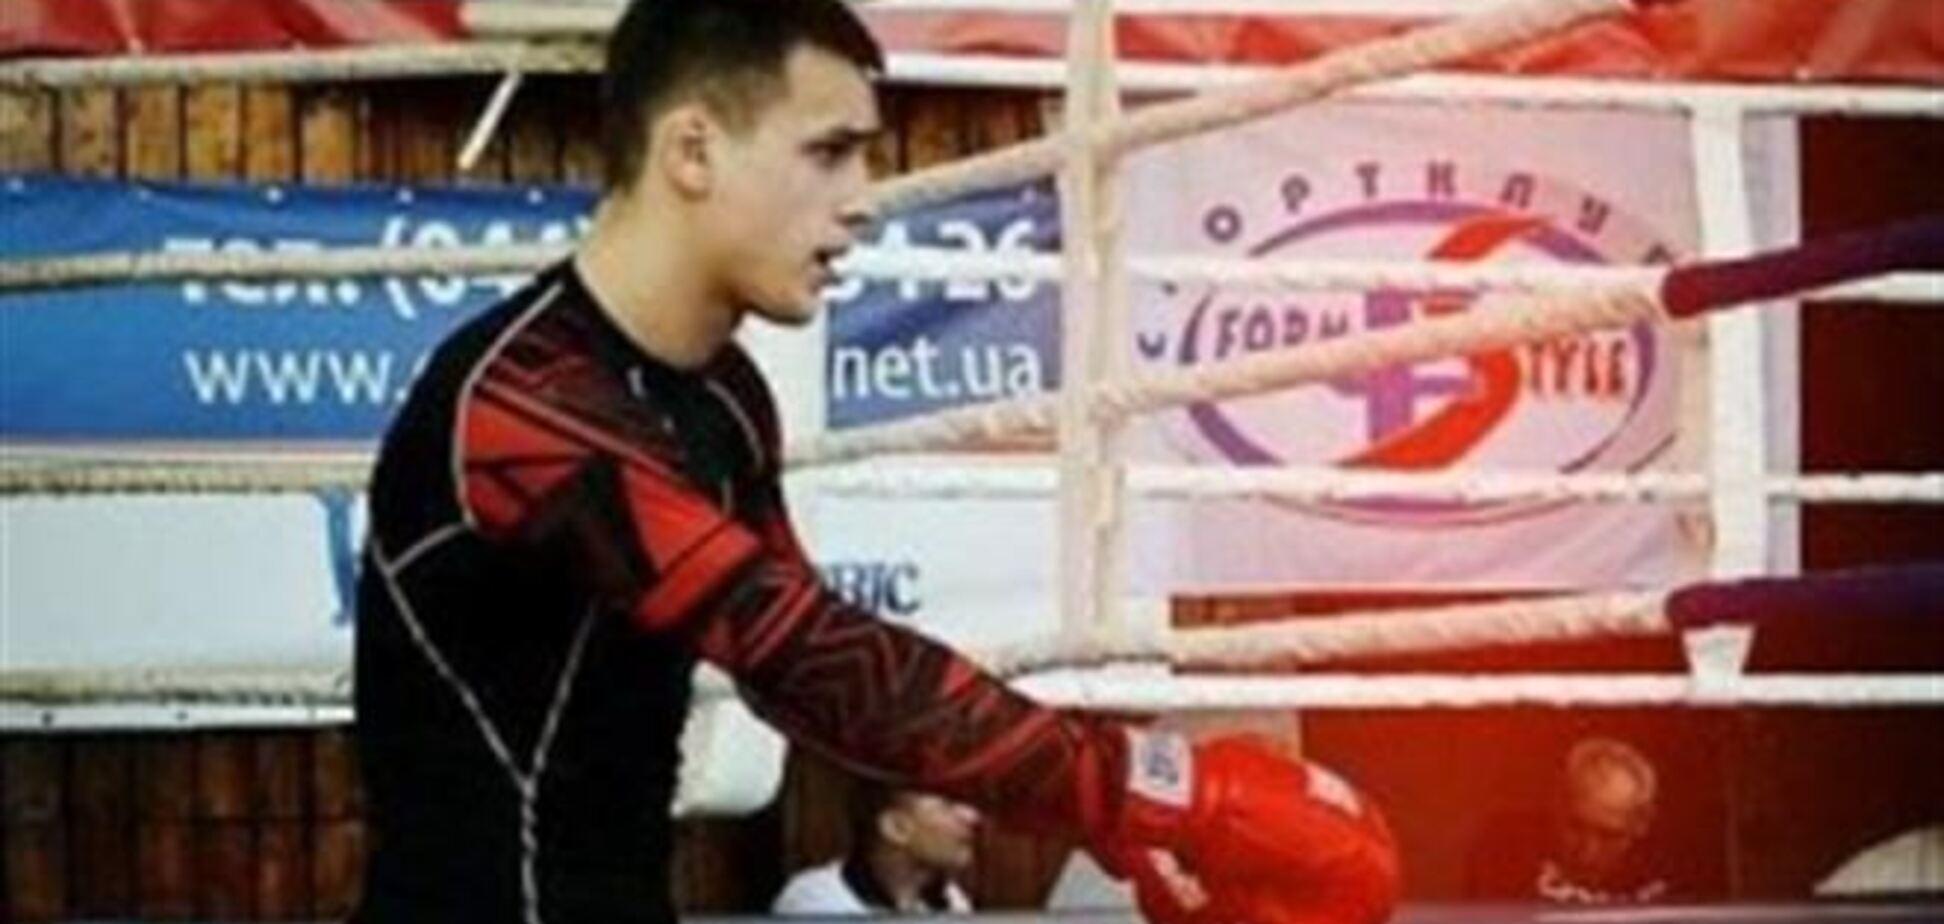 Избивший журналистов Вадик 'Румын' представит Украину на мировой арене